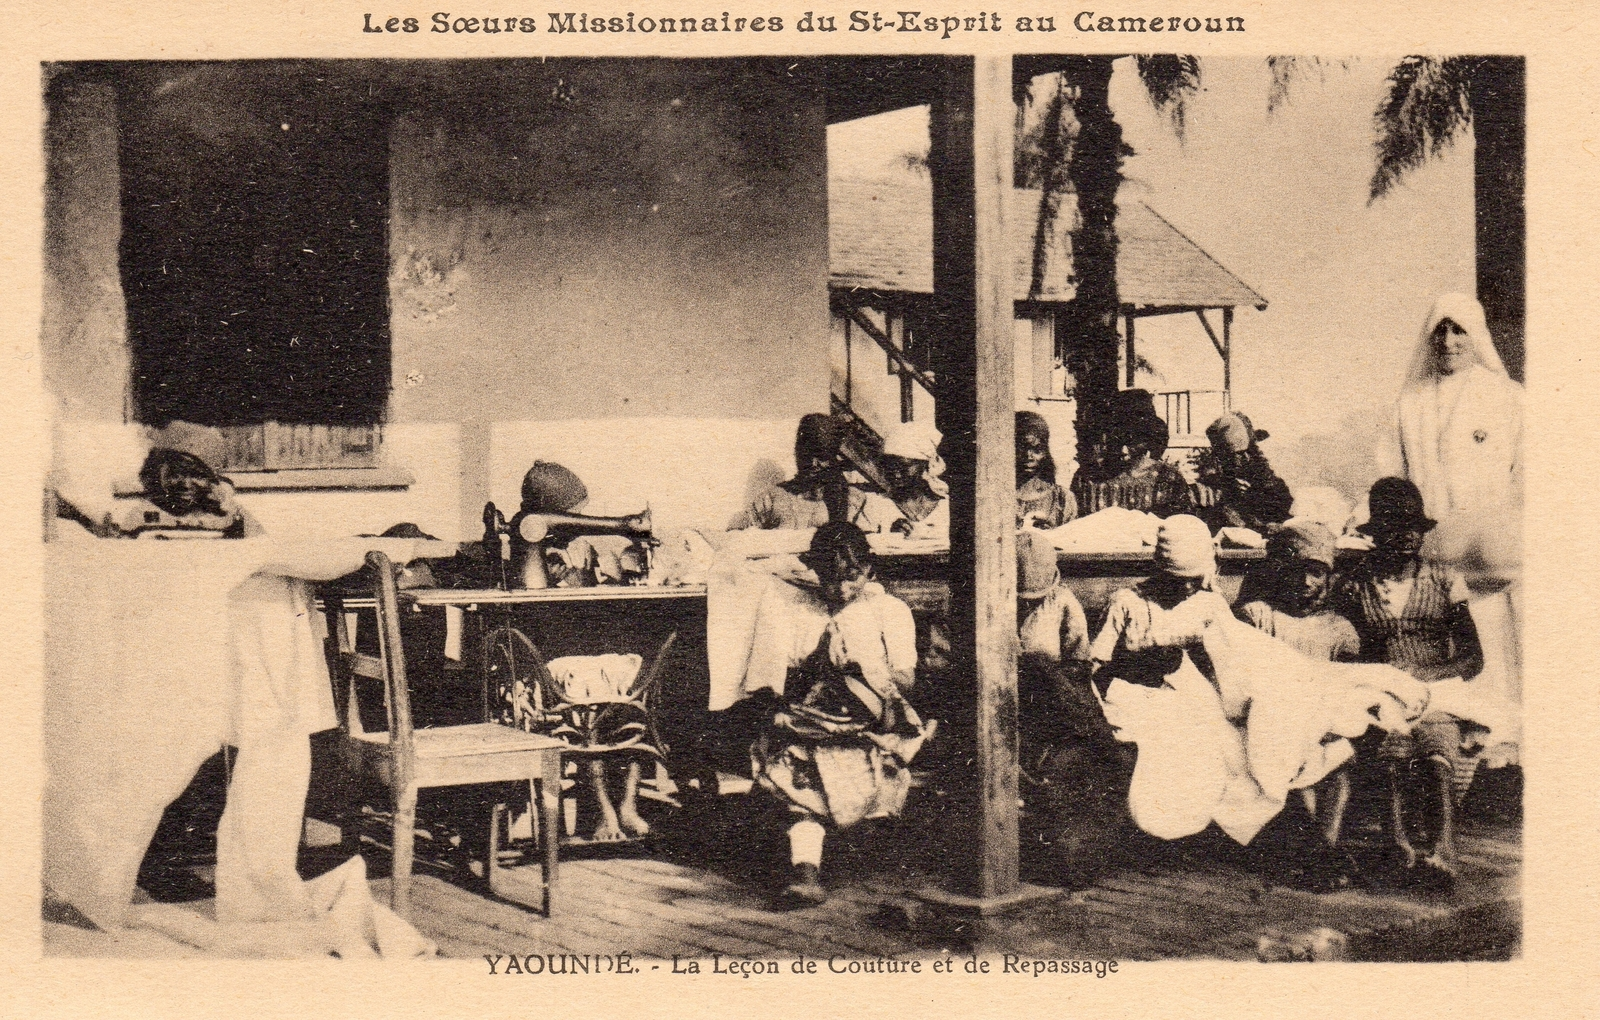 Yaoundé -  Les Soeurs Missionnaires du Saint Esprit La leçon de couture et de repassage